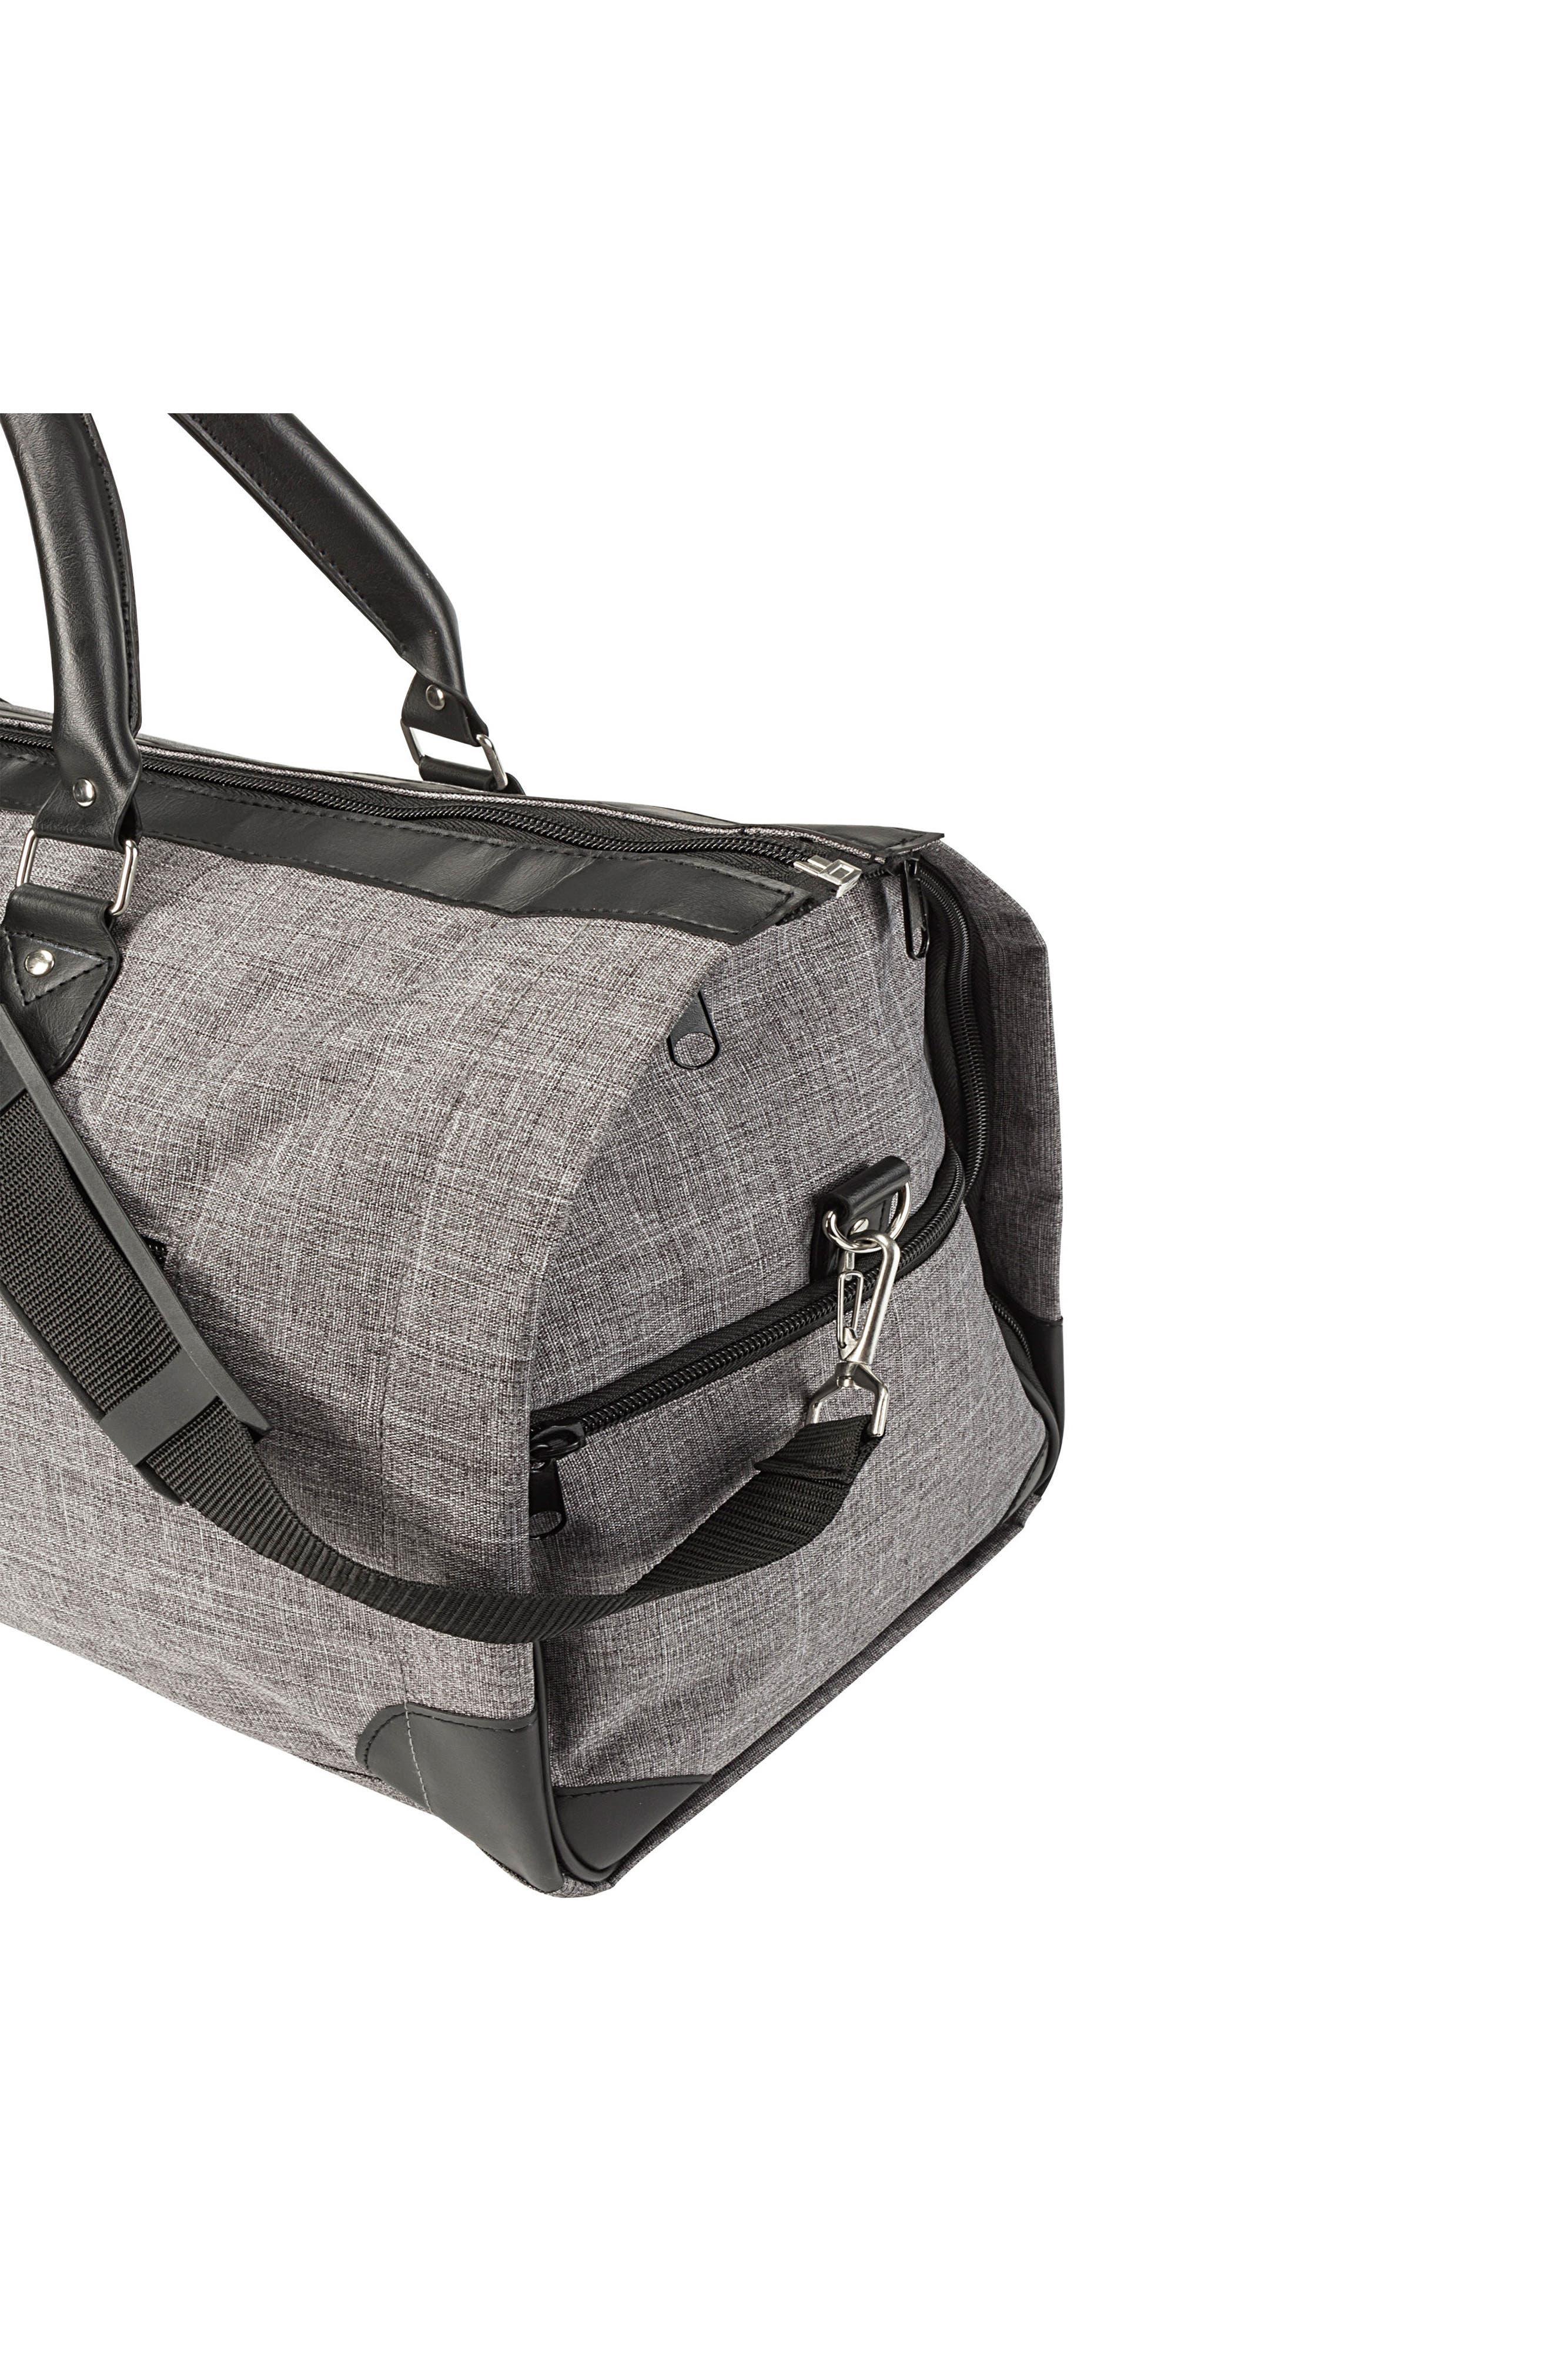 Monogram Duffel/Garment Bag,                             Alternate thumbnail 5, color,                             GREY A